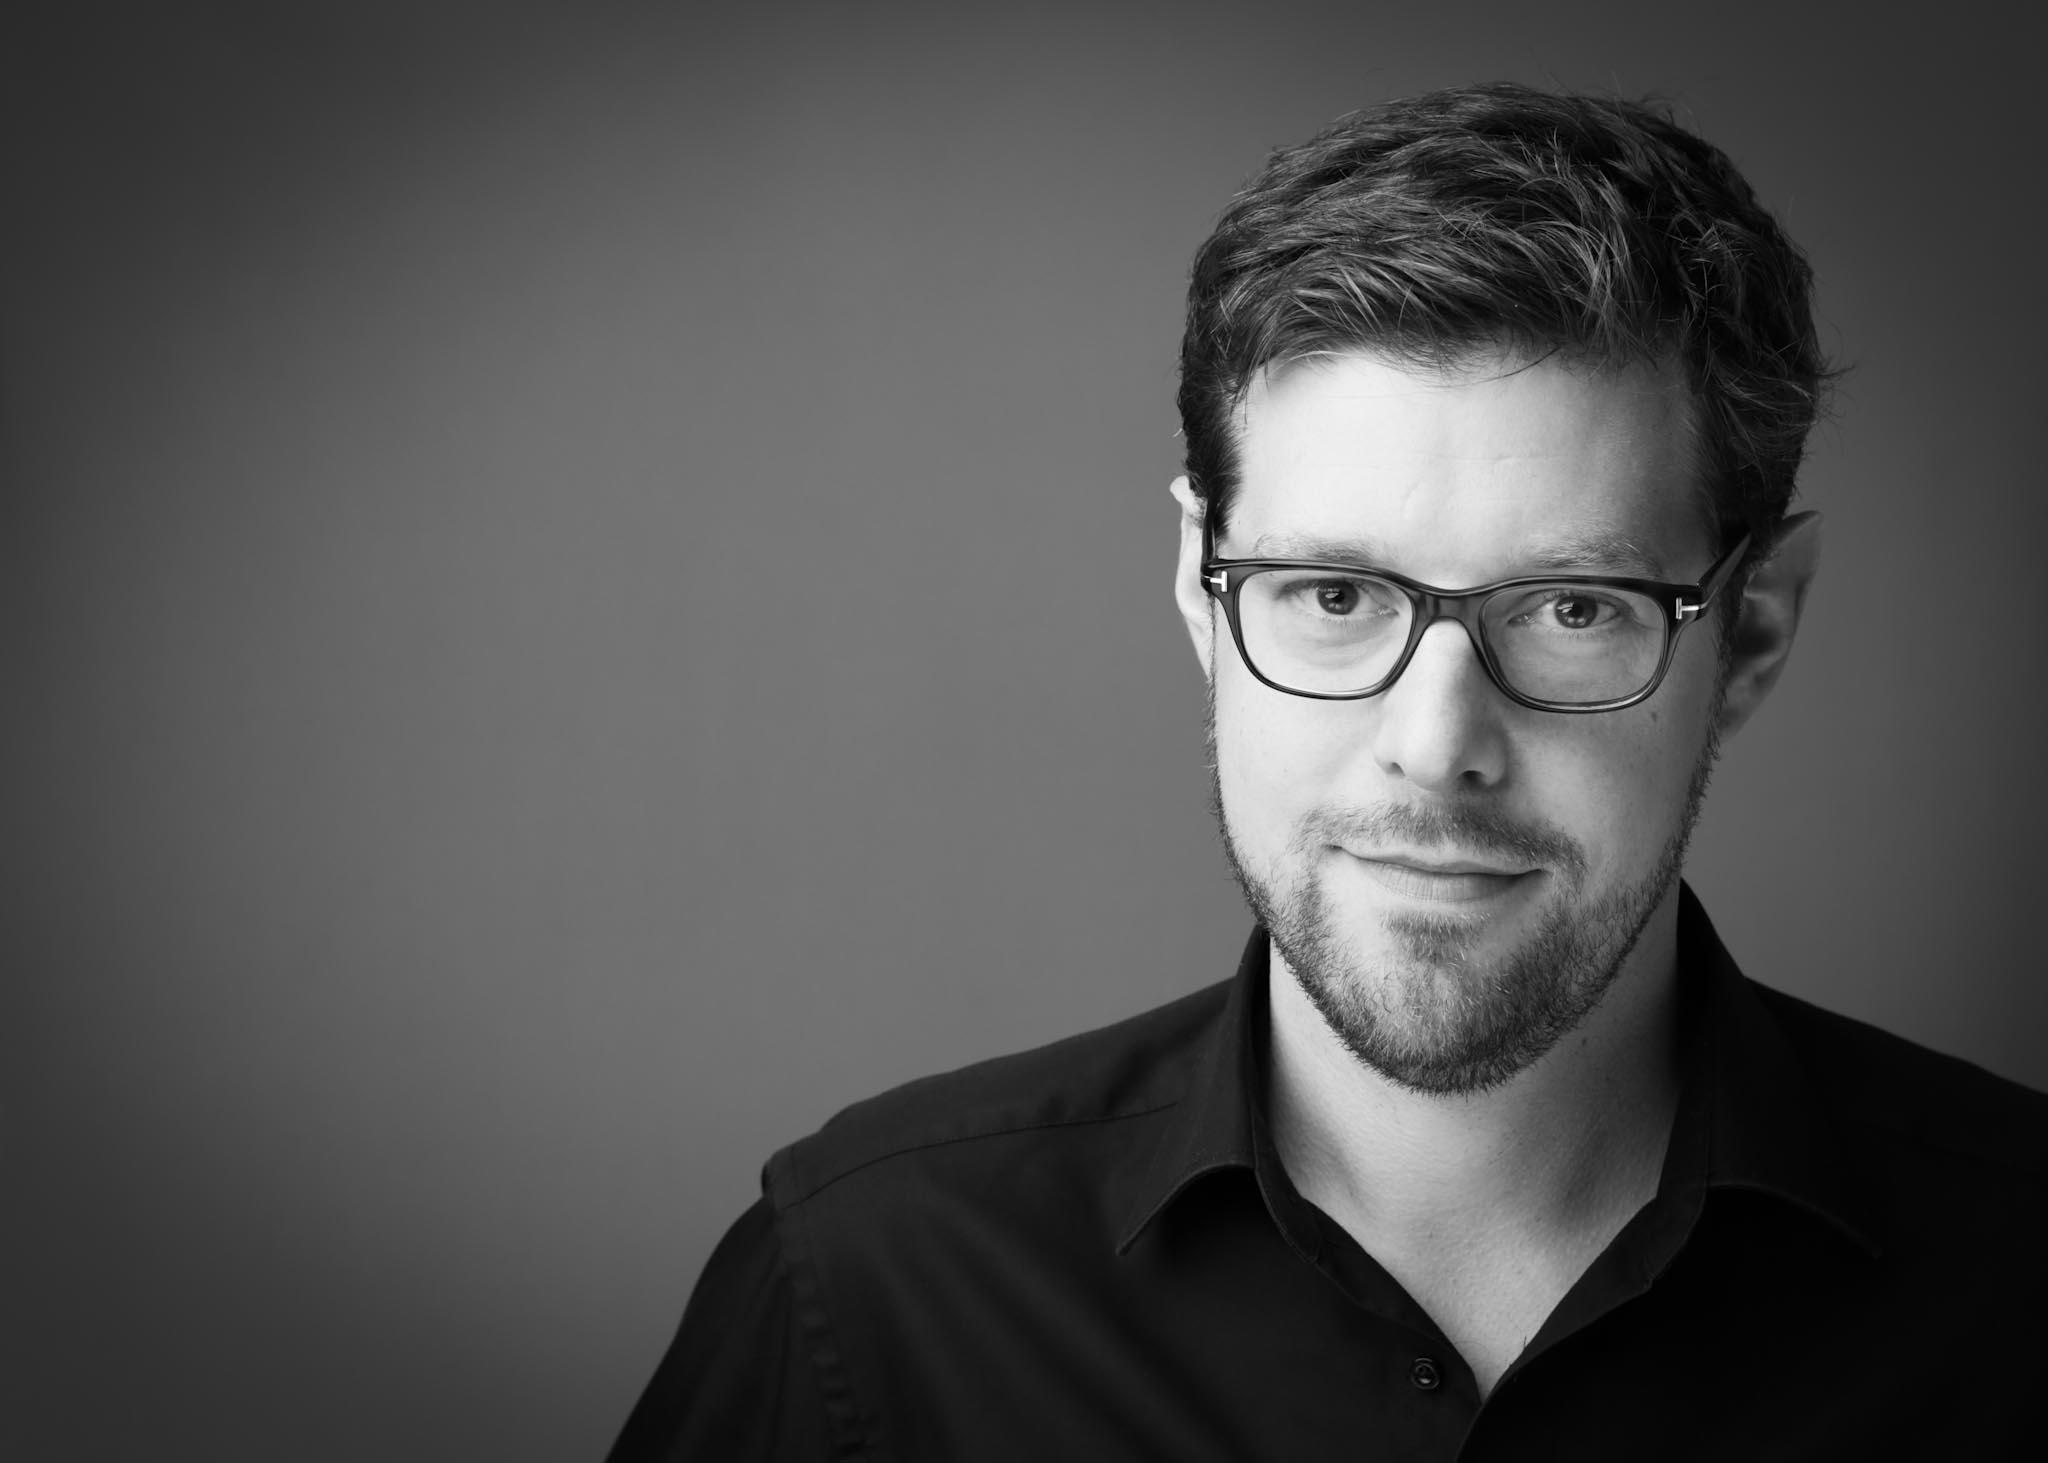 Bewerbungsfotos In Hamburg Barmbek überzeugen Mit Starken Portraits